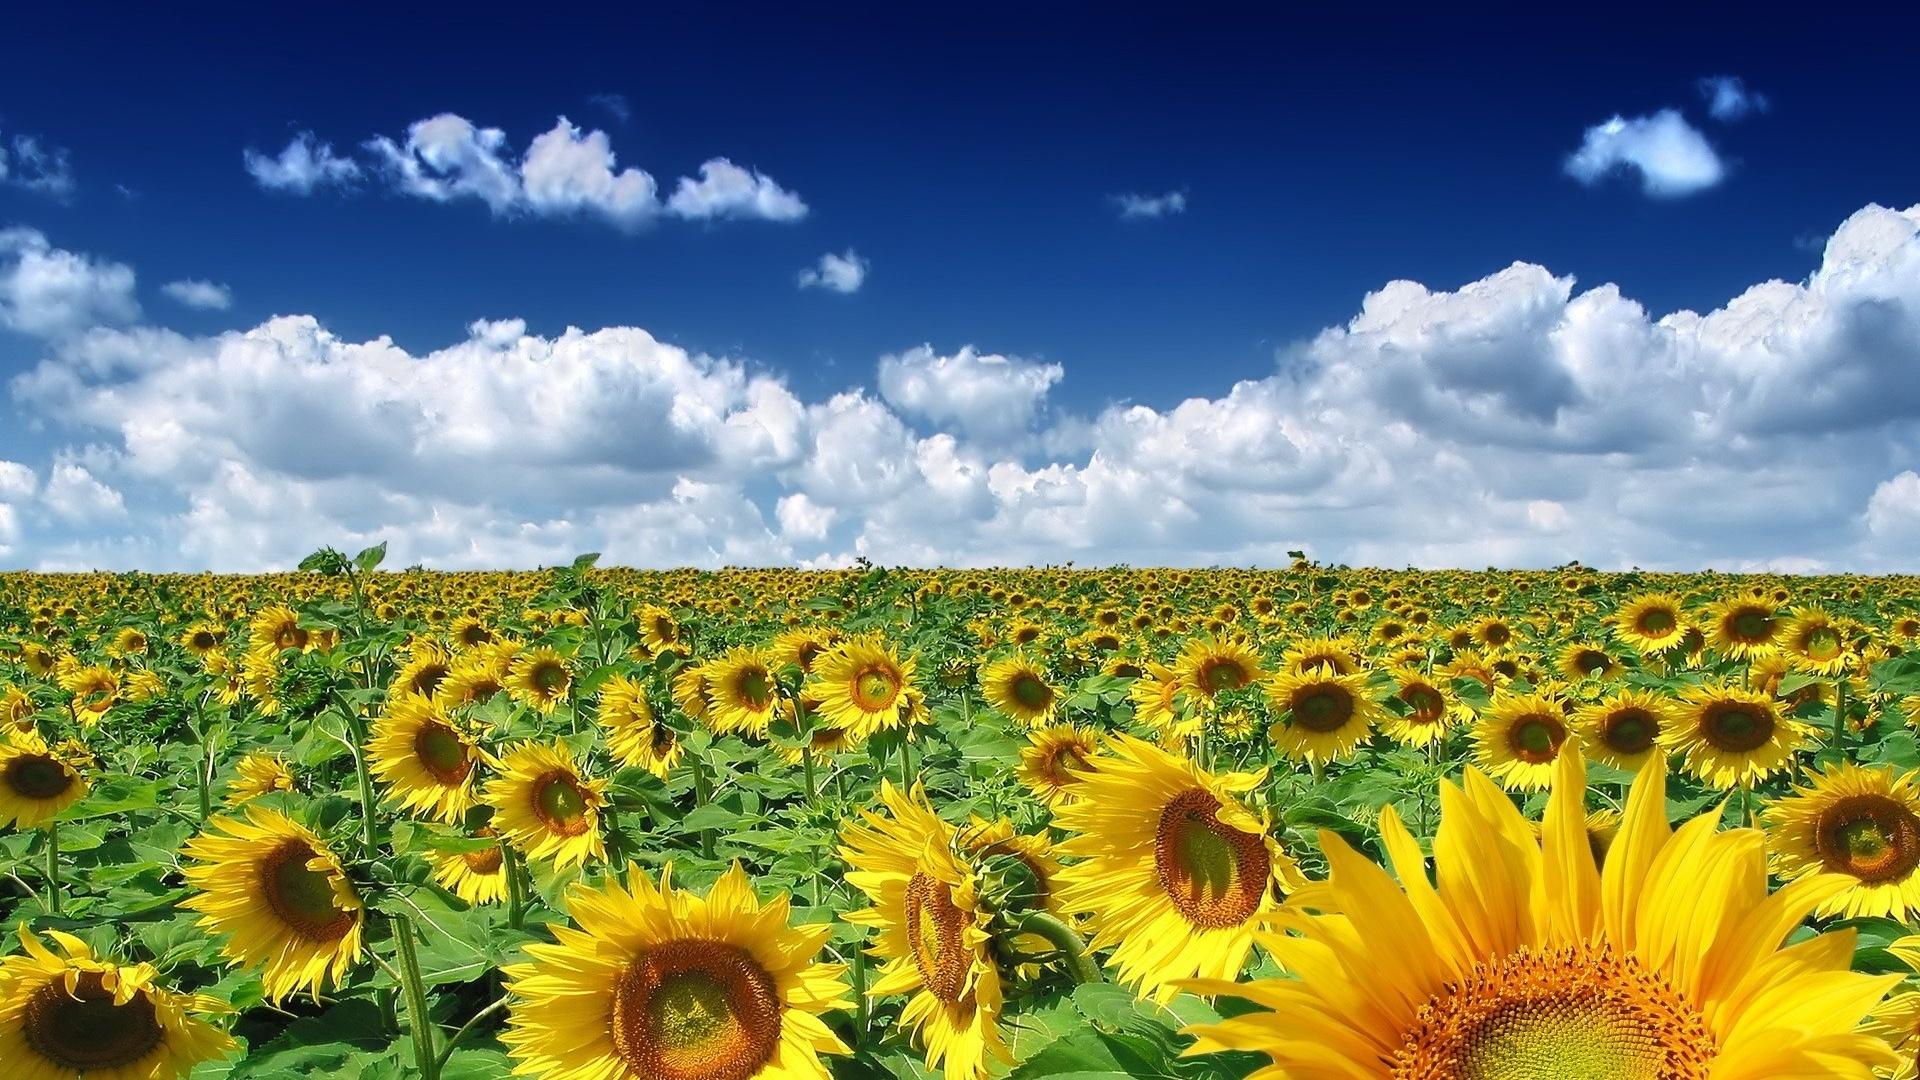 летние картинки для групп многих выращивание этой